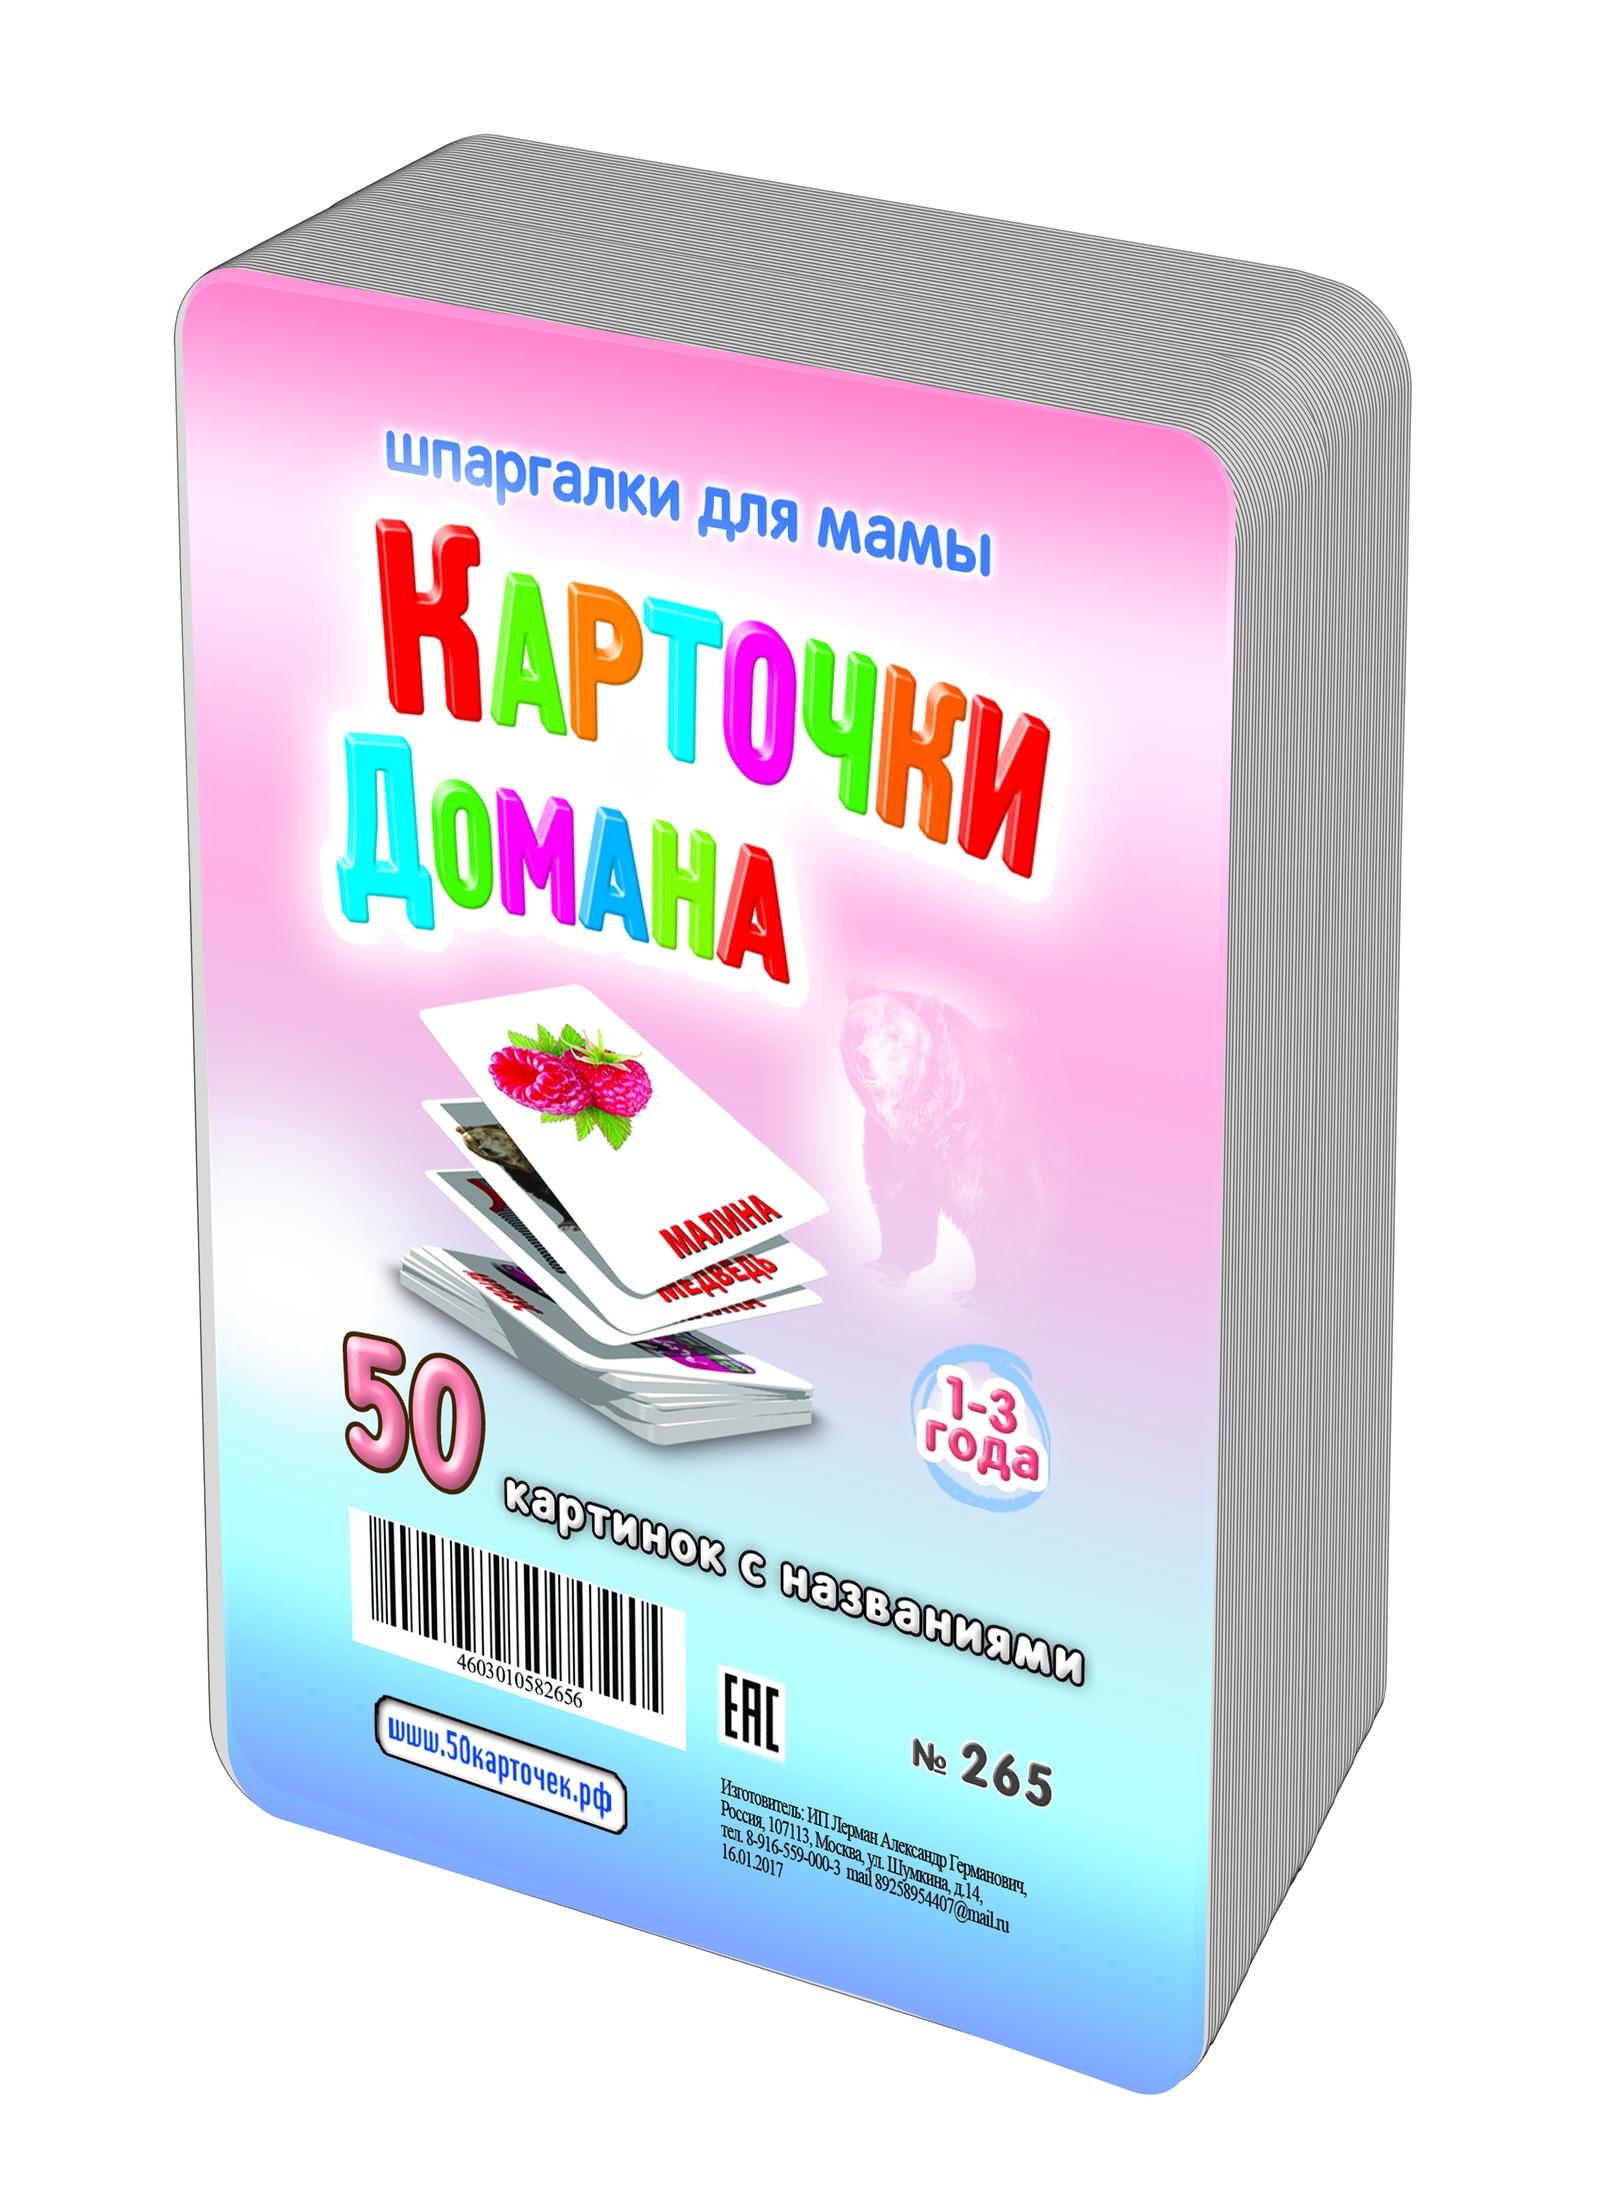 Обучающая игра Шпаргалки для мамы Карточки Домана для детей 1-3 лет набор карточек для детей в дорогу развивающие обучающие карточки развивающие обучающие игры